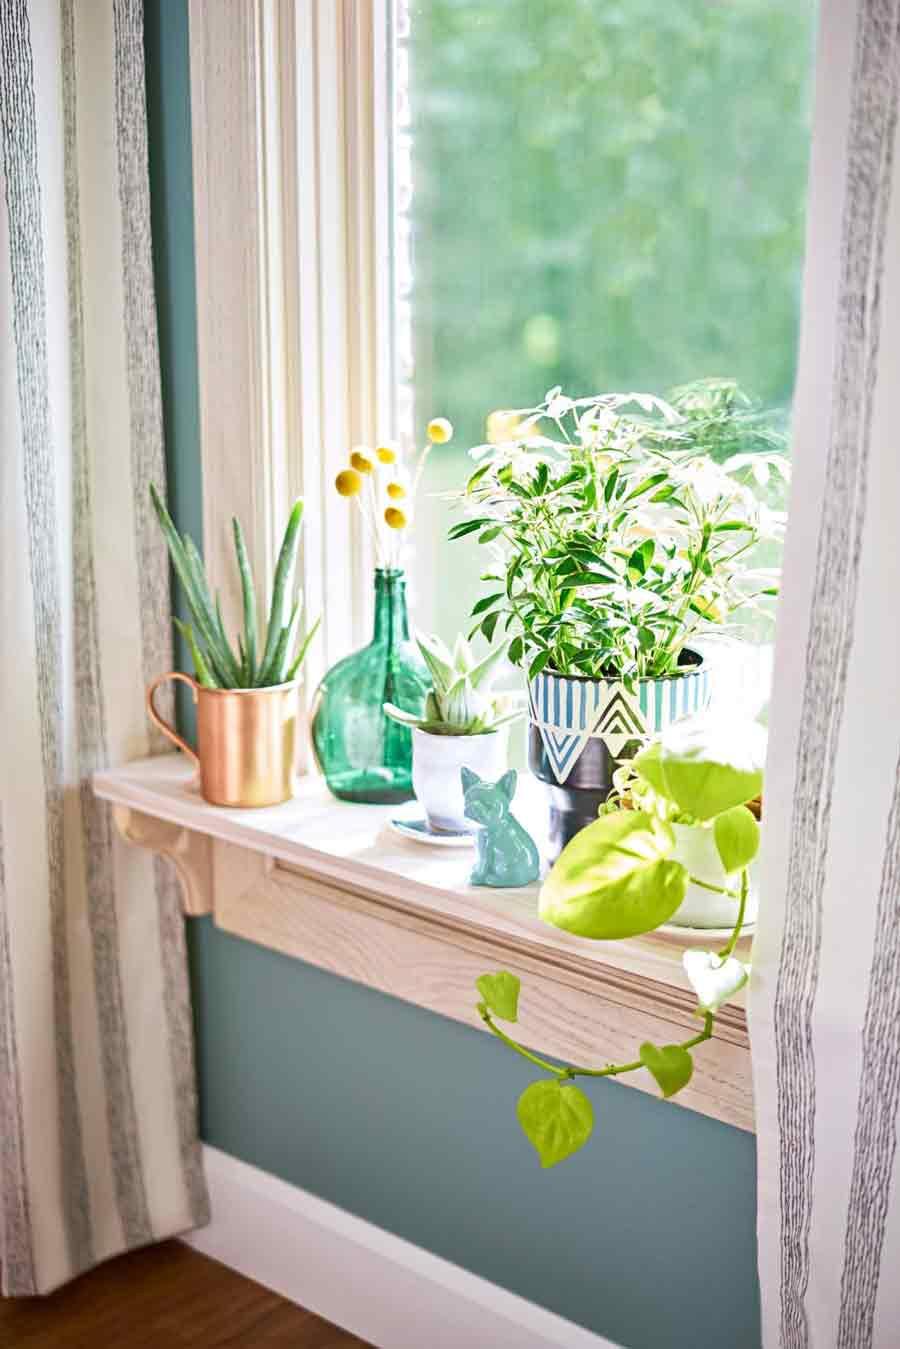 باغچه در خانه